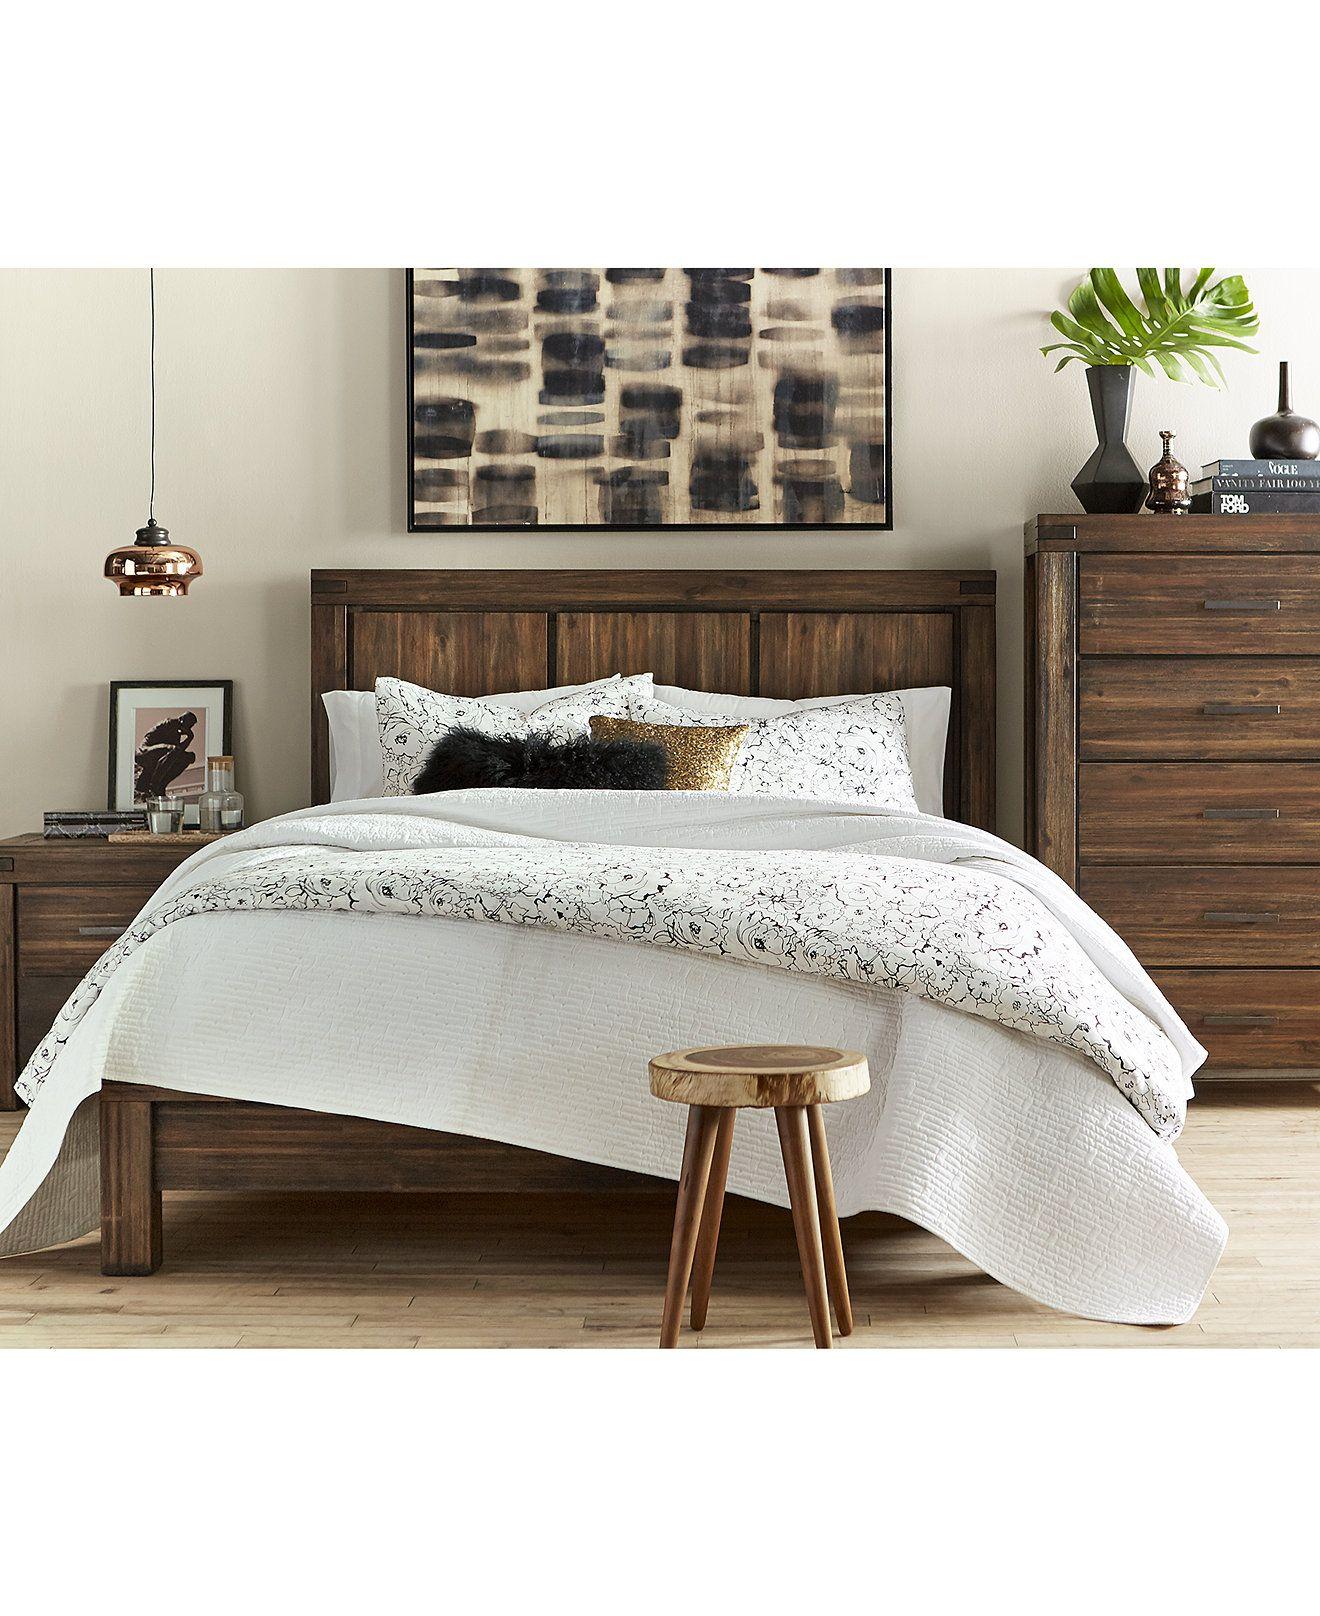 Avondale Platform Bedroom Furniture Collection | Pinterest ...